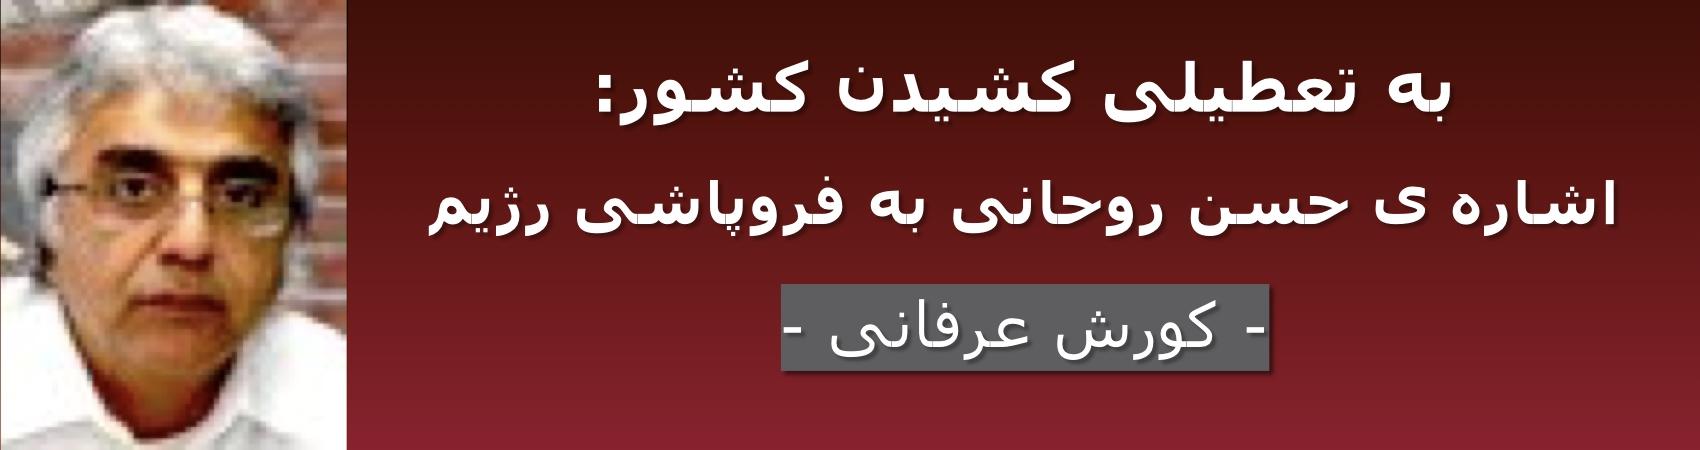 به تعطیلی کشیدن کشور: اشاره ی حسن روحانی به فروپاشی رژیم